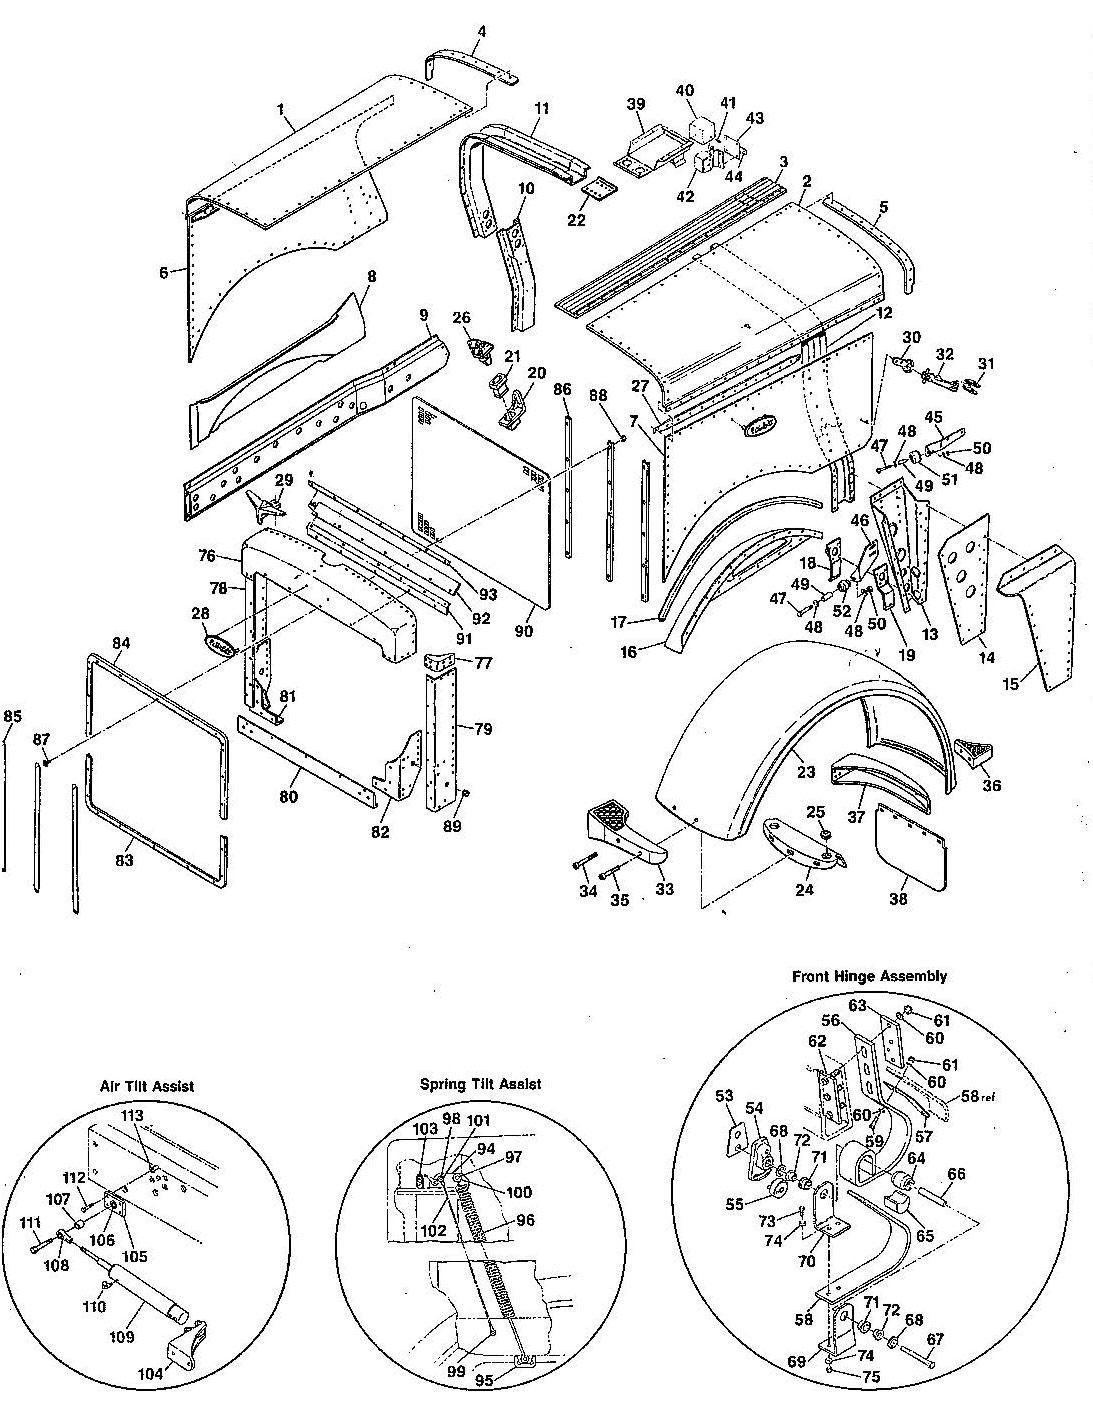 Hood Diagram  U0026 Parts